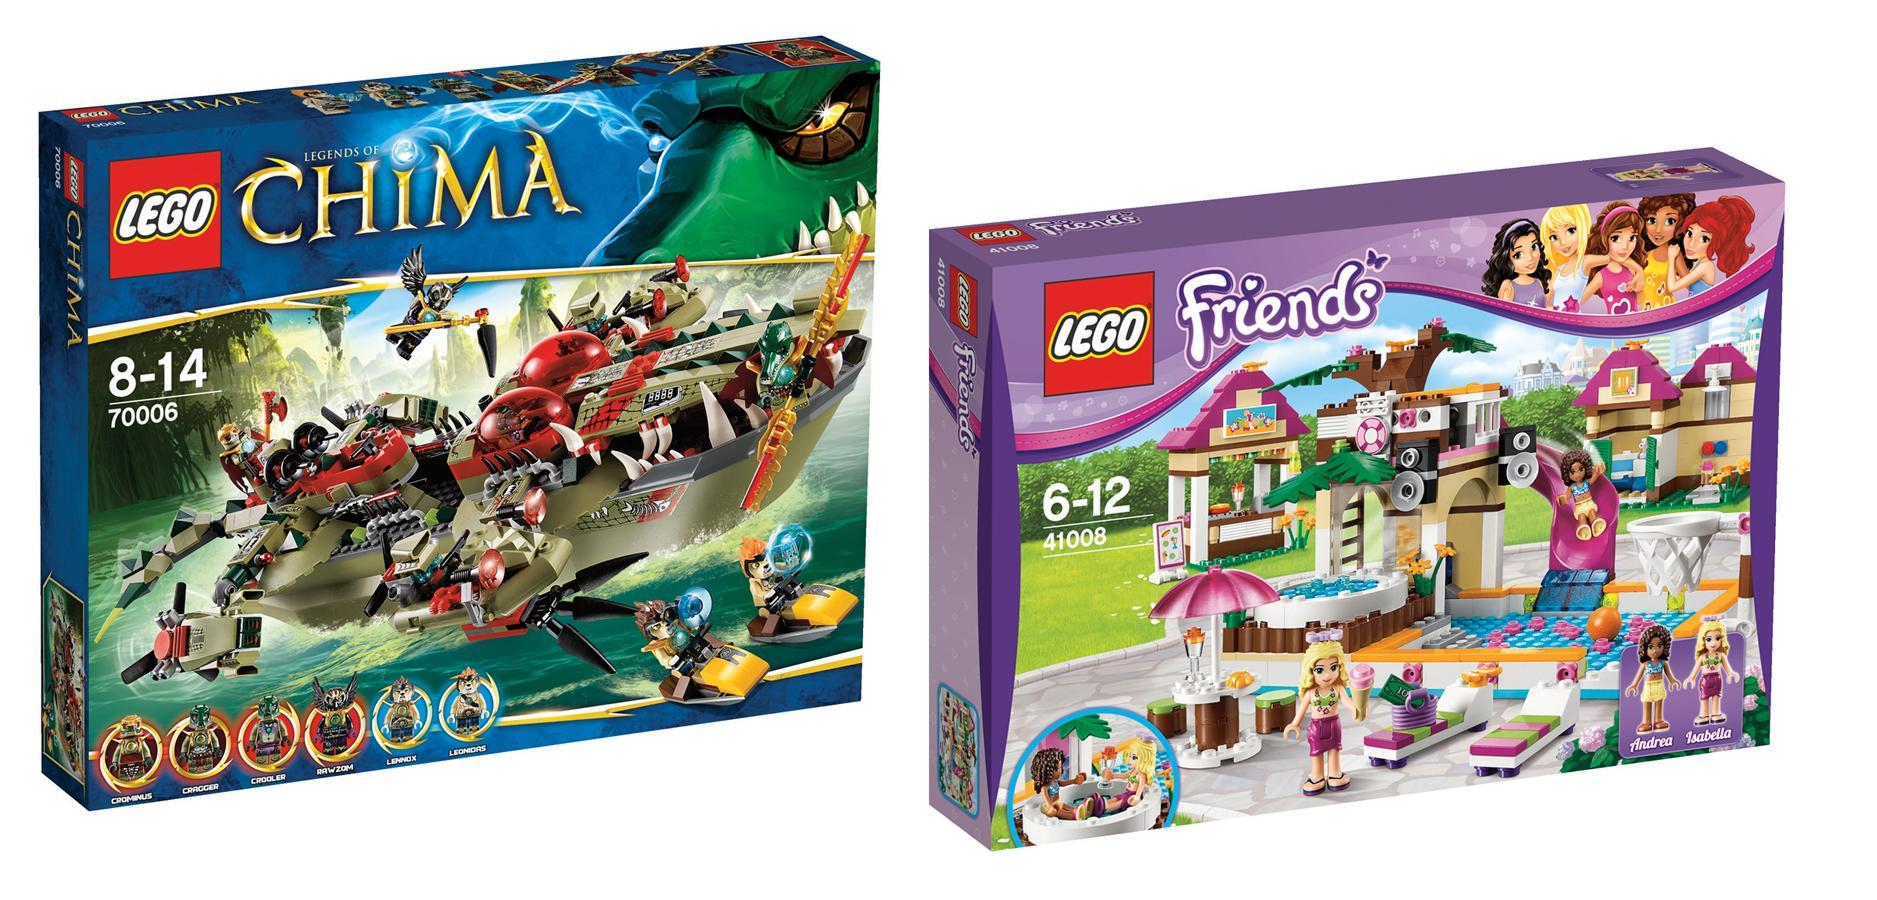 Image result for childrens toys gender specific